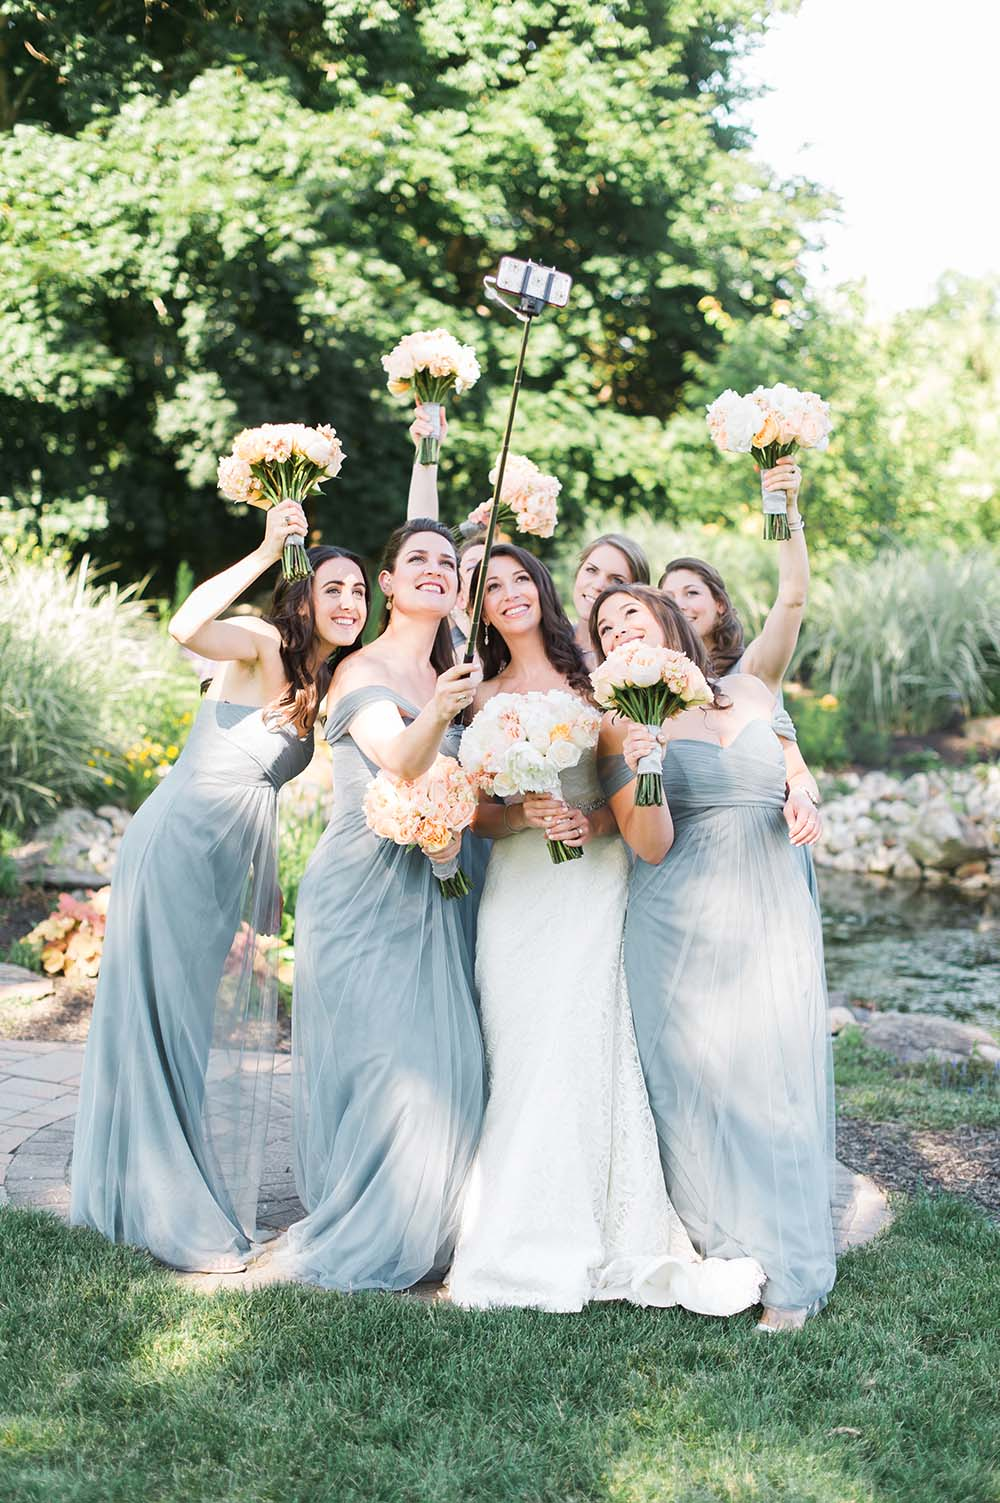 farmington-gardens-wedding-greg-lewis-photography-21